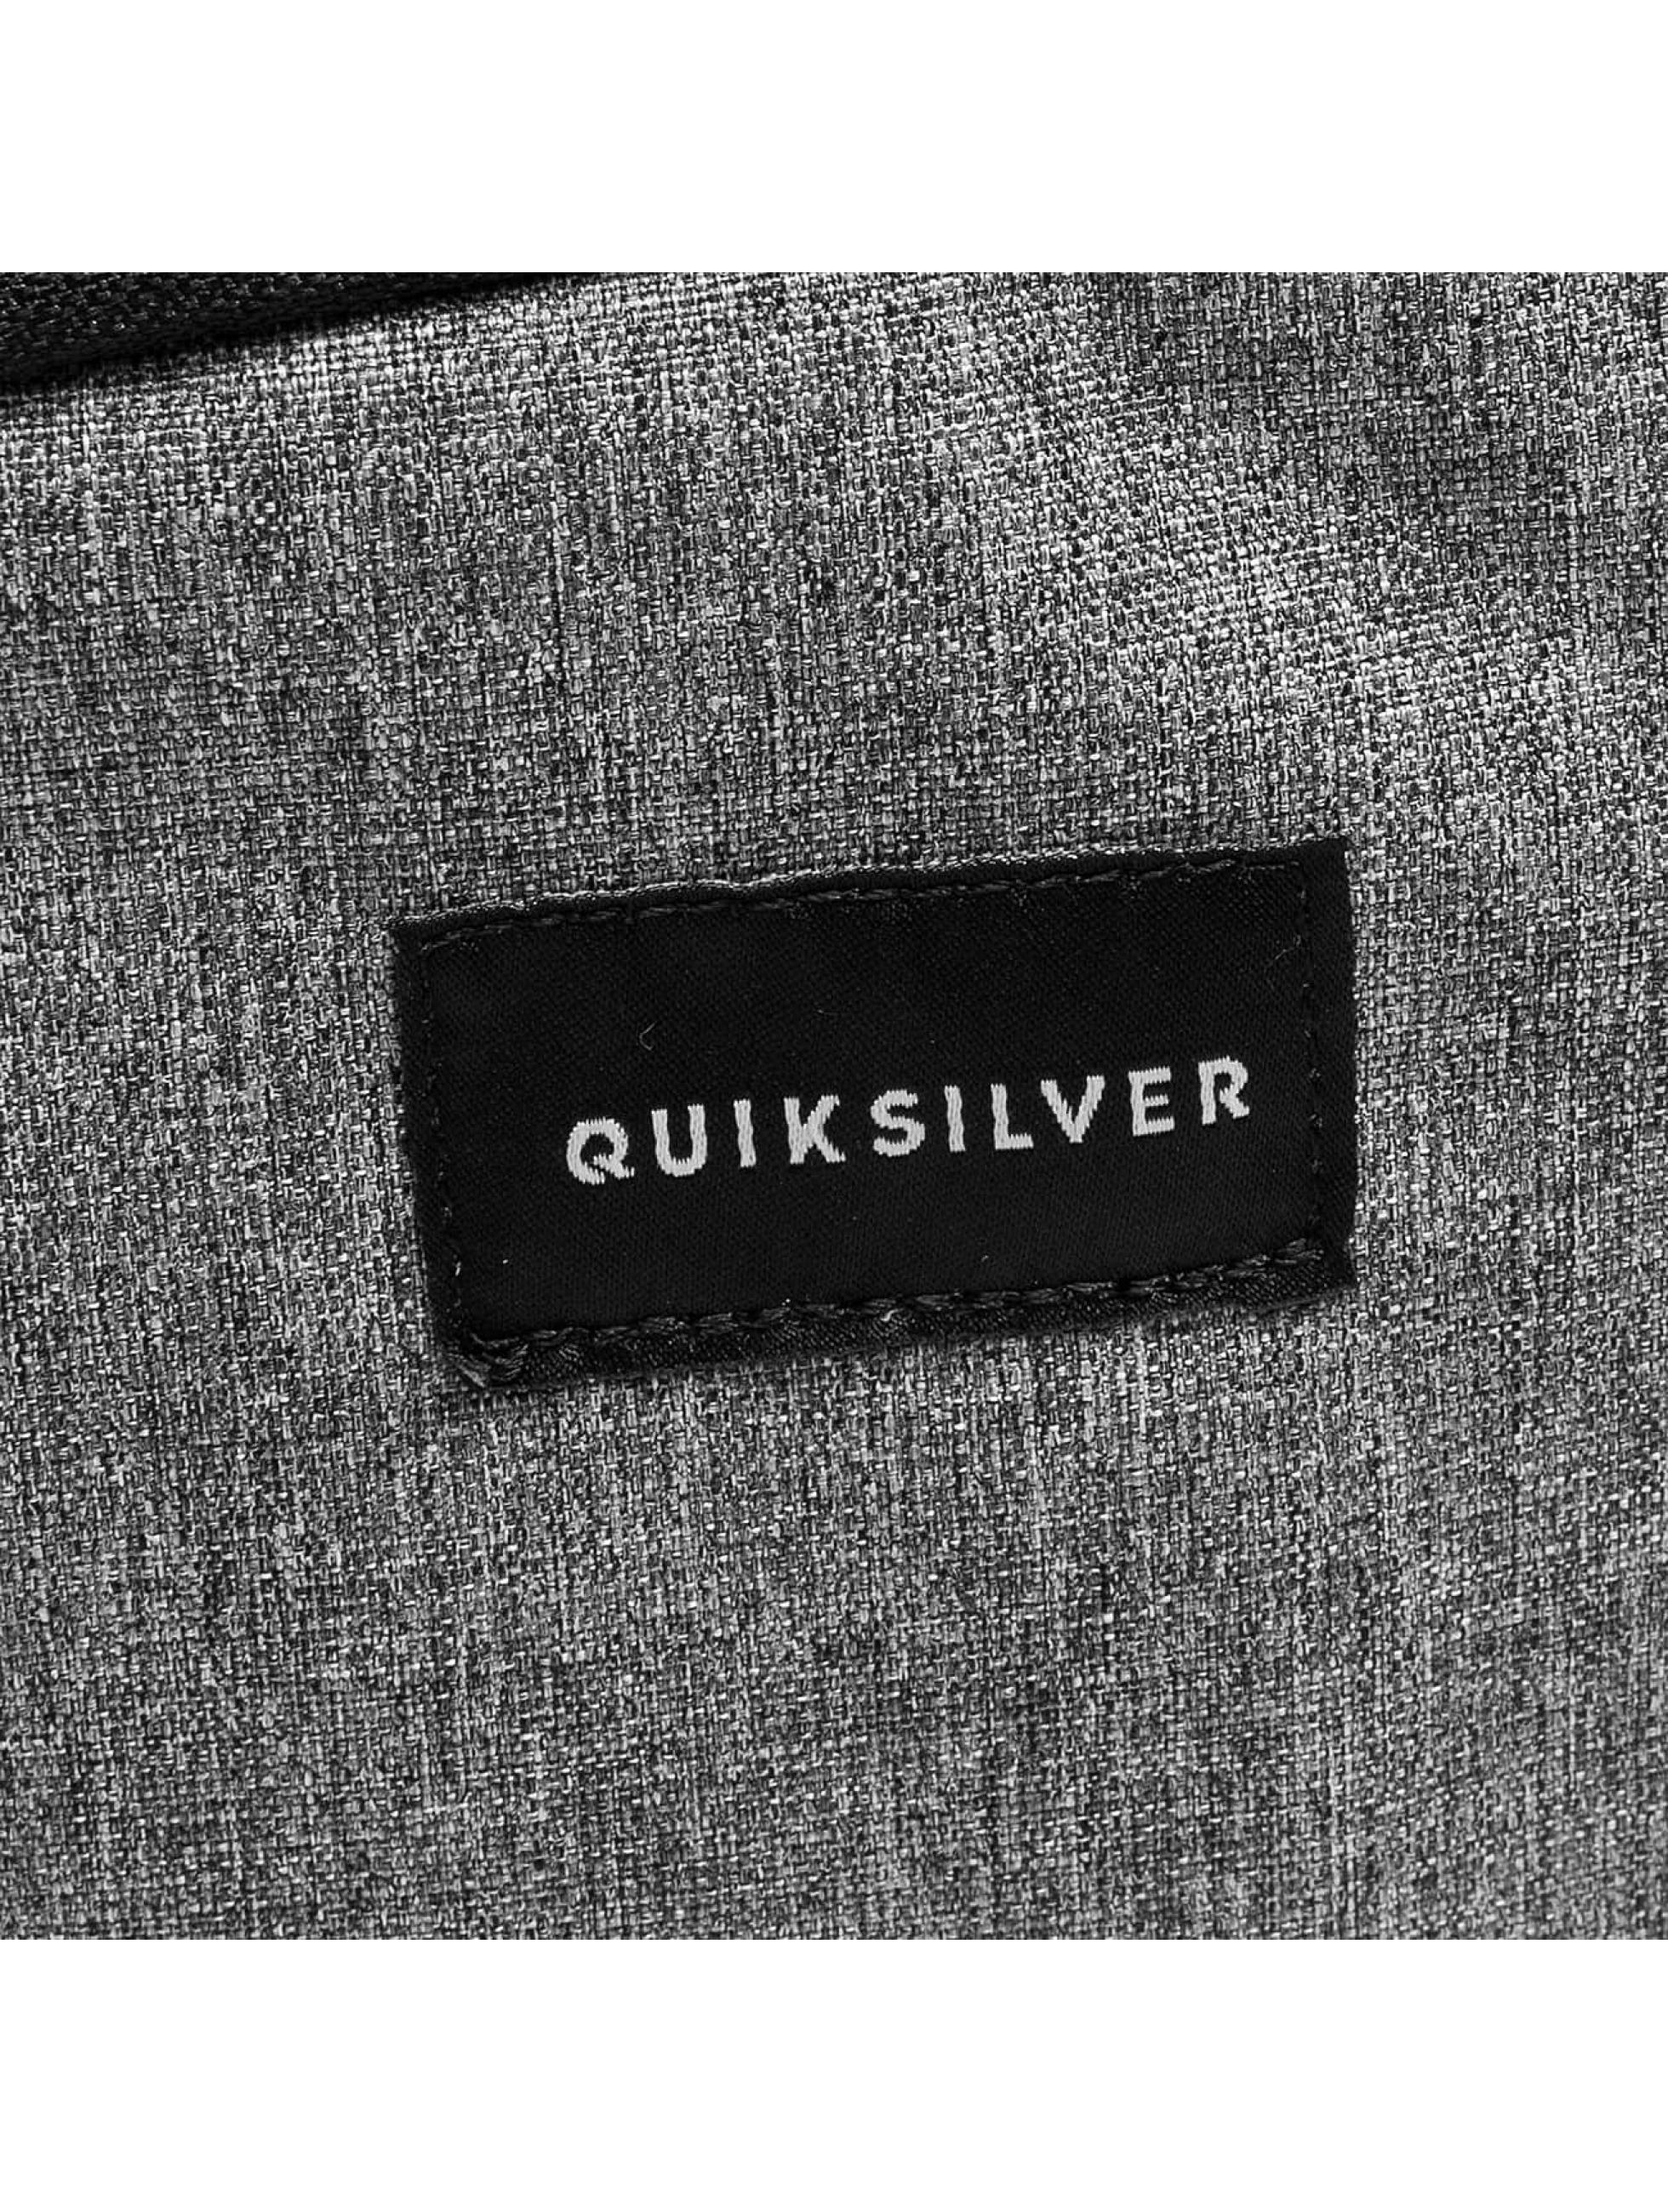 Quiksilver Mochila 1969 Special gris